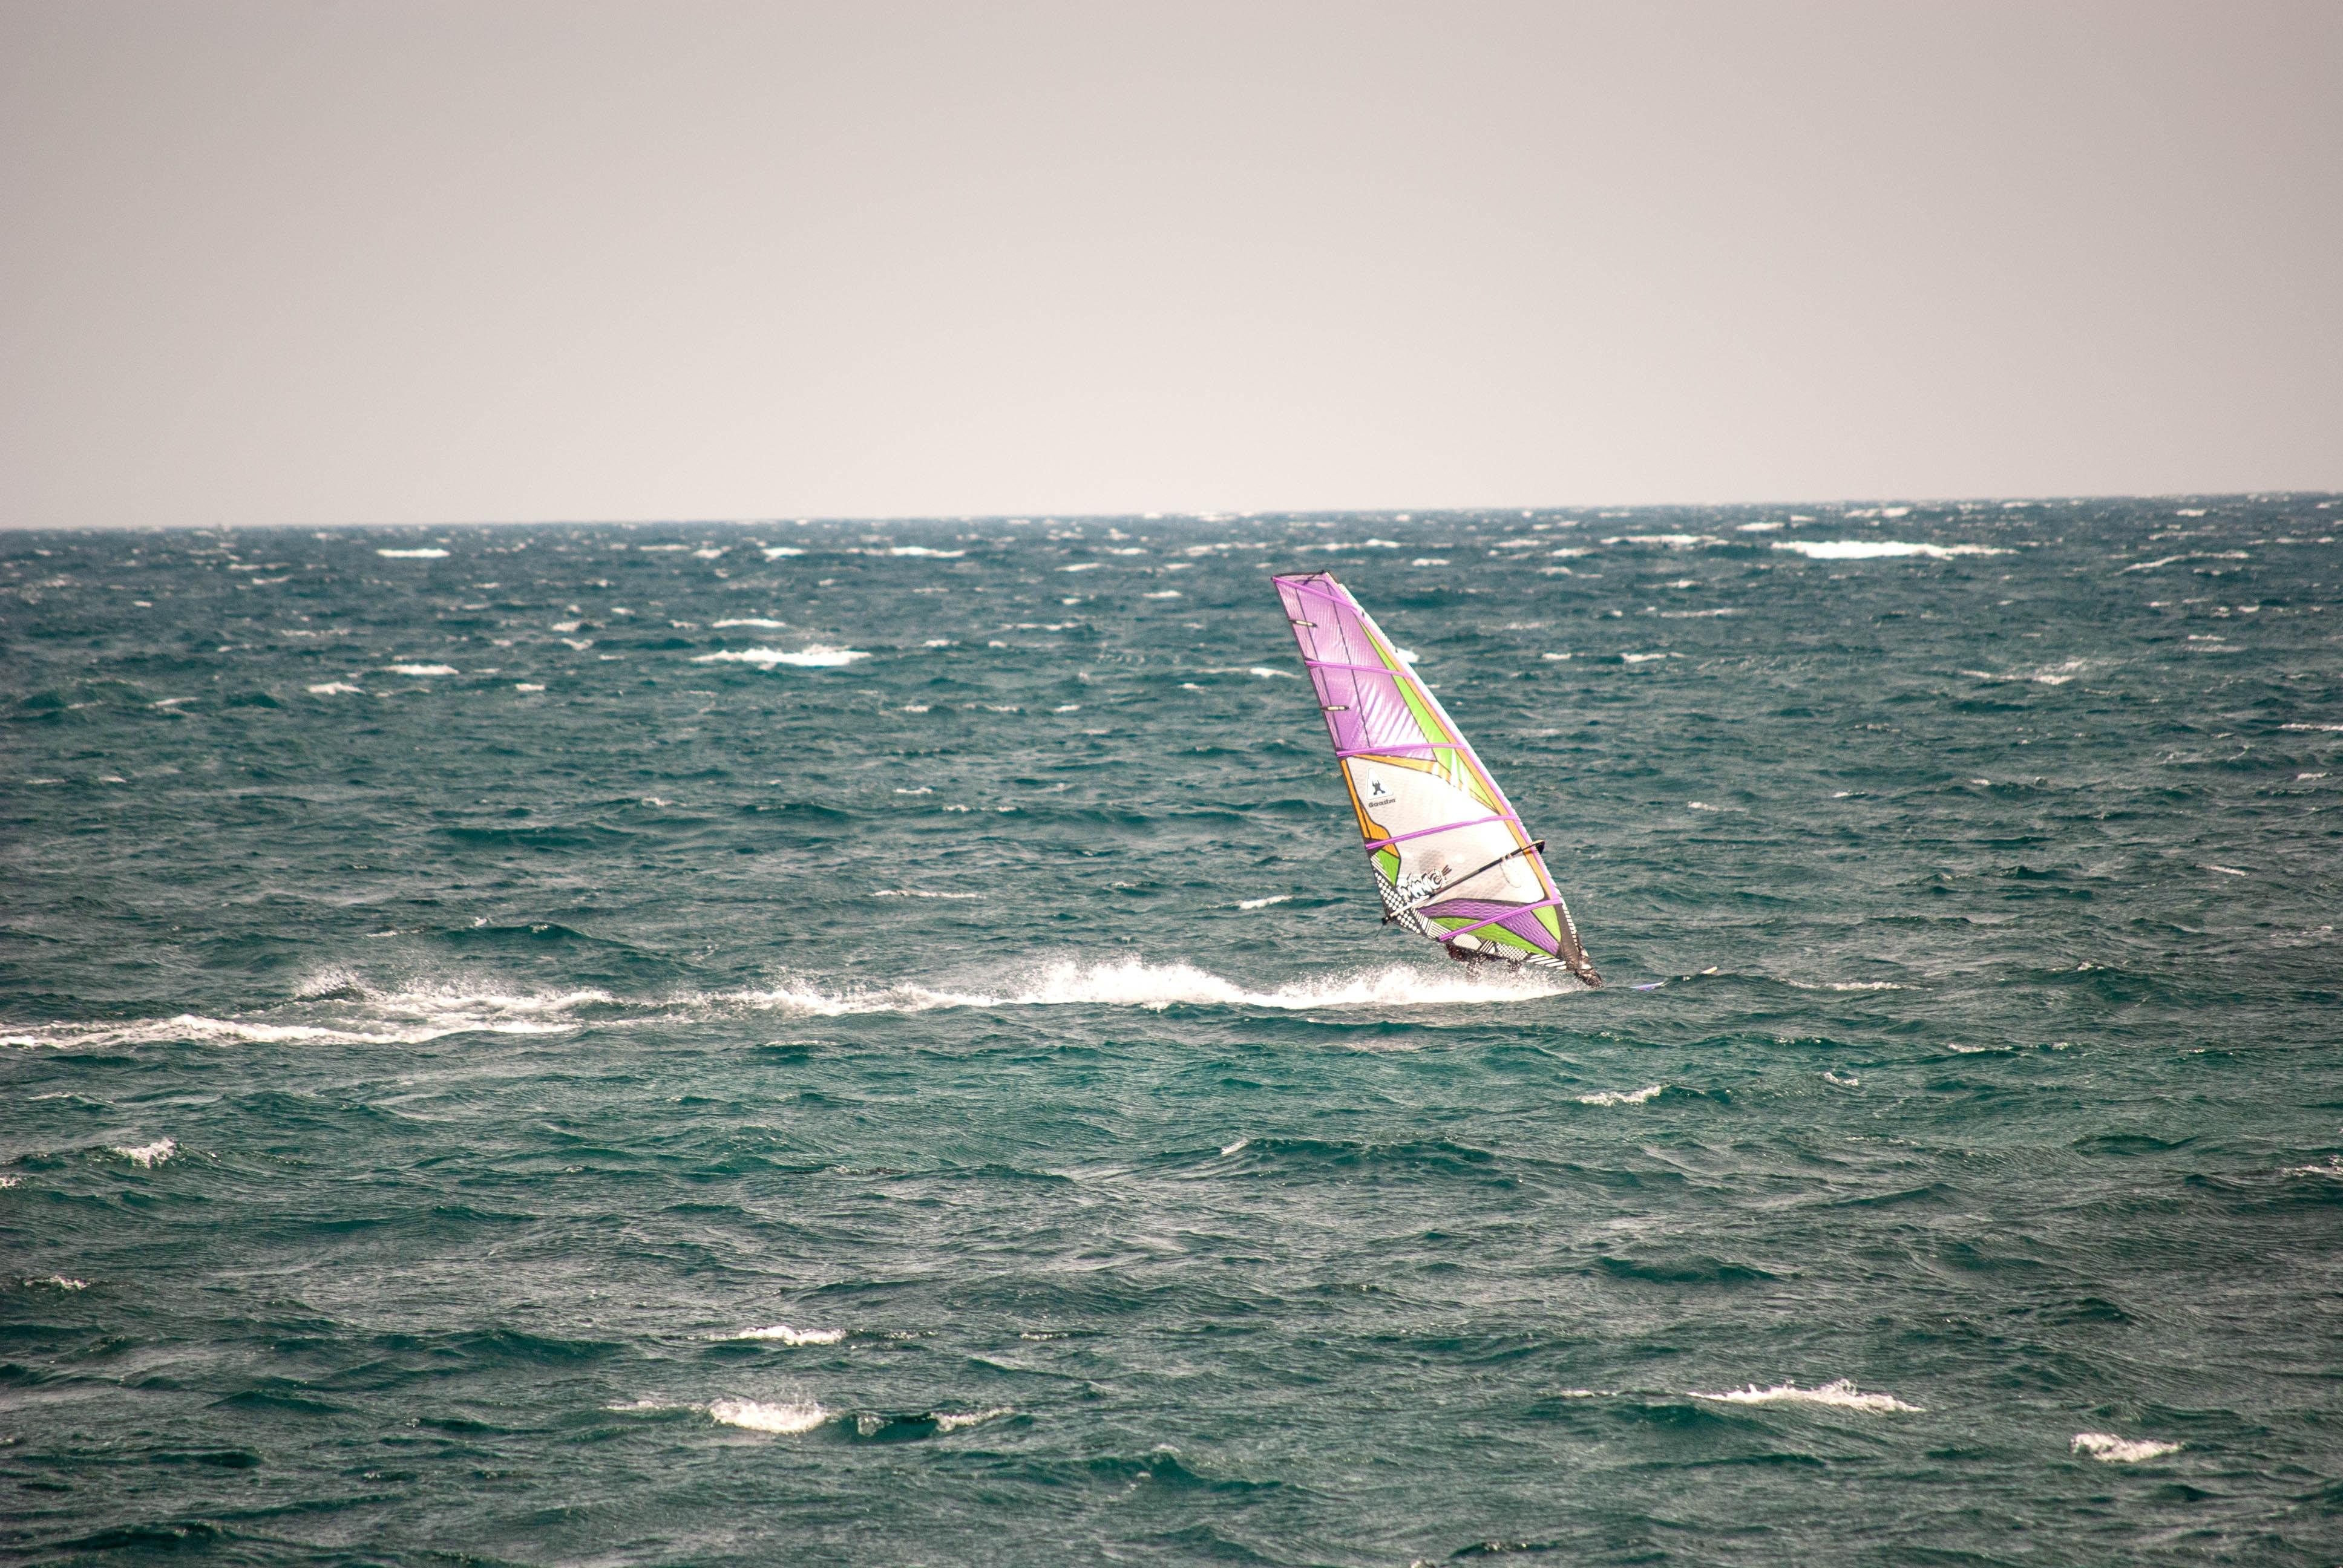 Período atrai praticantes de esportes náuticos para o Ceará (FOTO: Verstappen Photography/Divulgação)